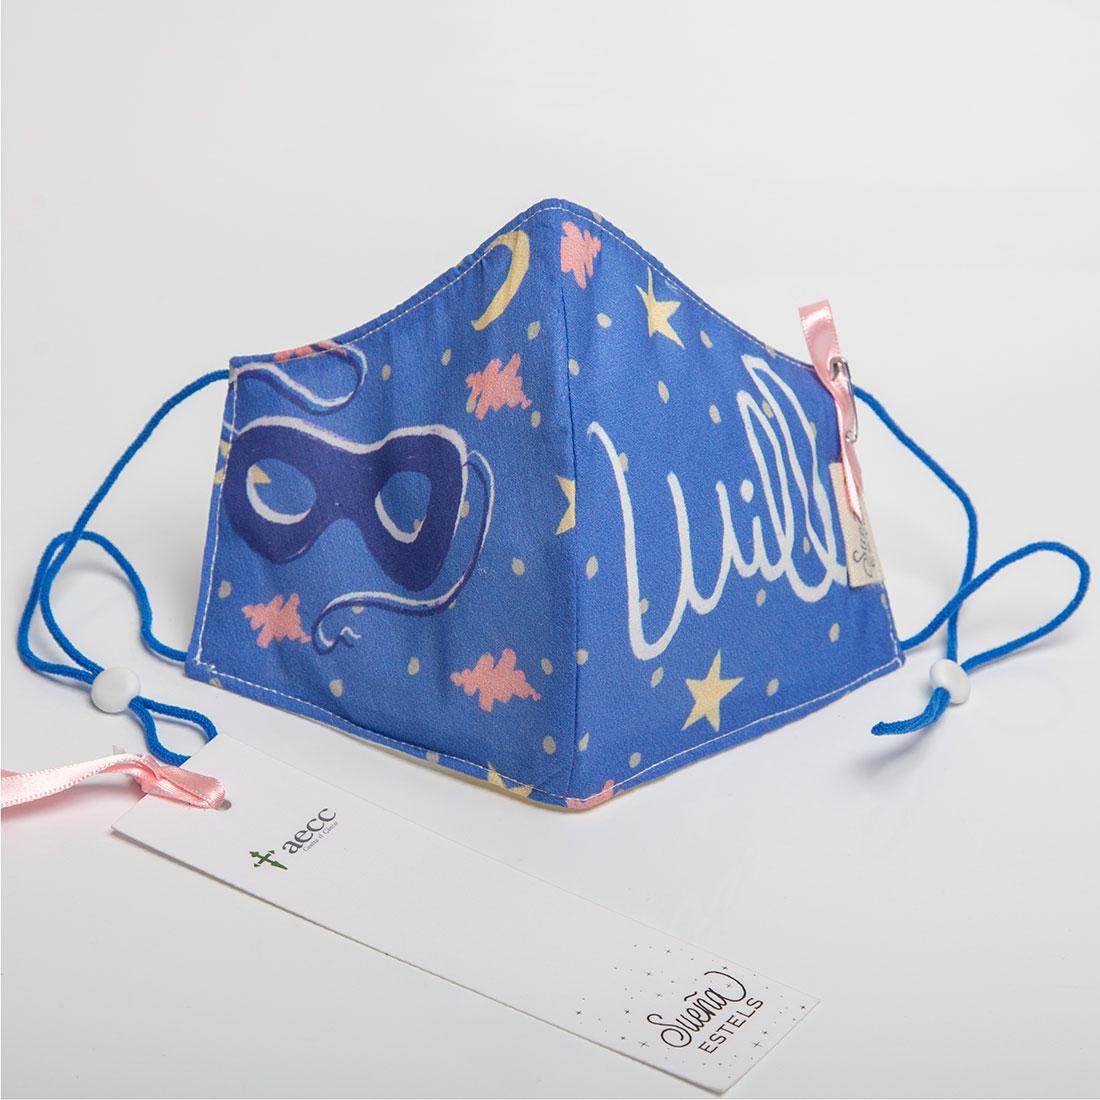 mascarilla-chico-will-suena-estels